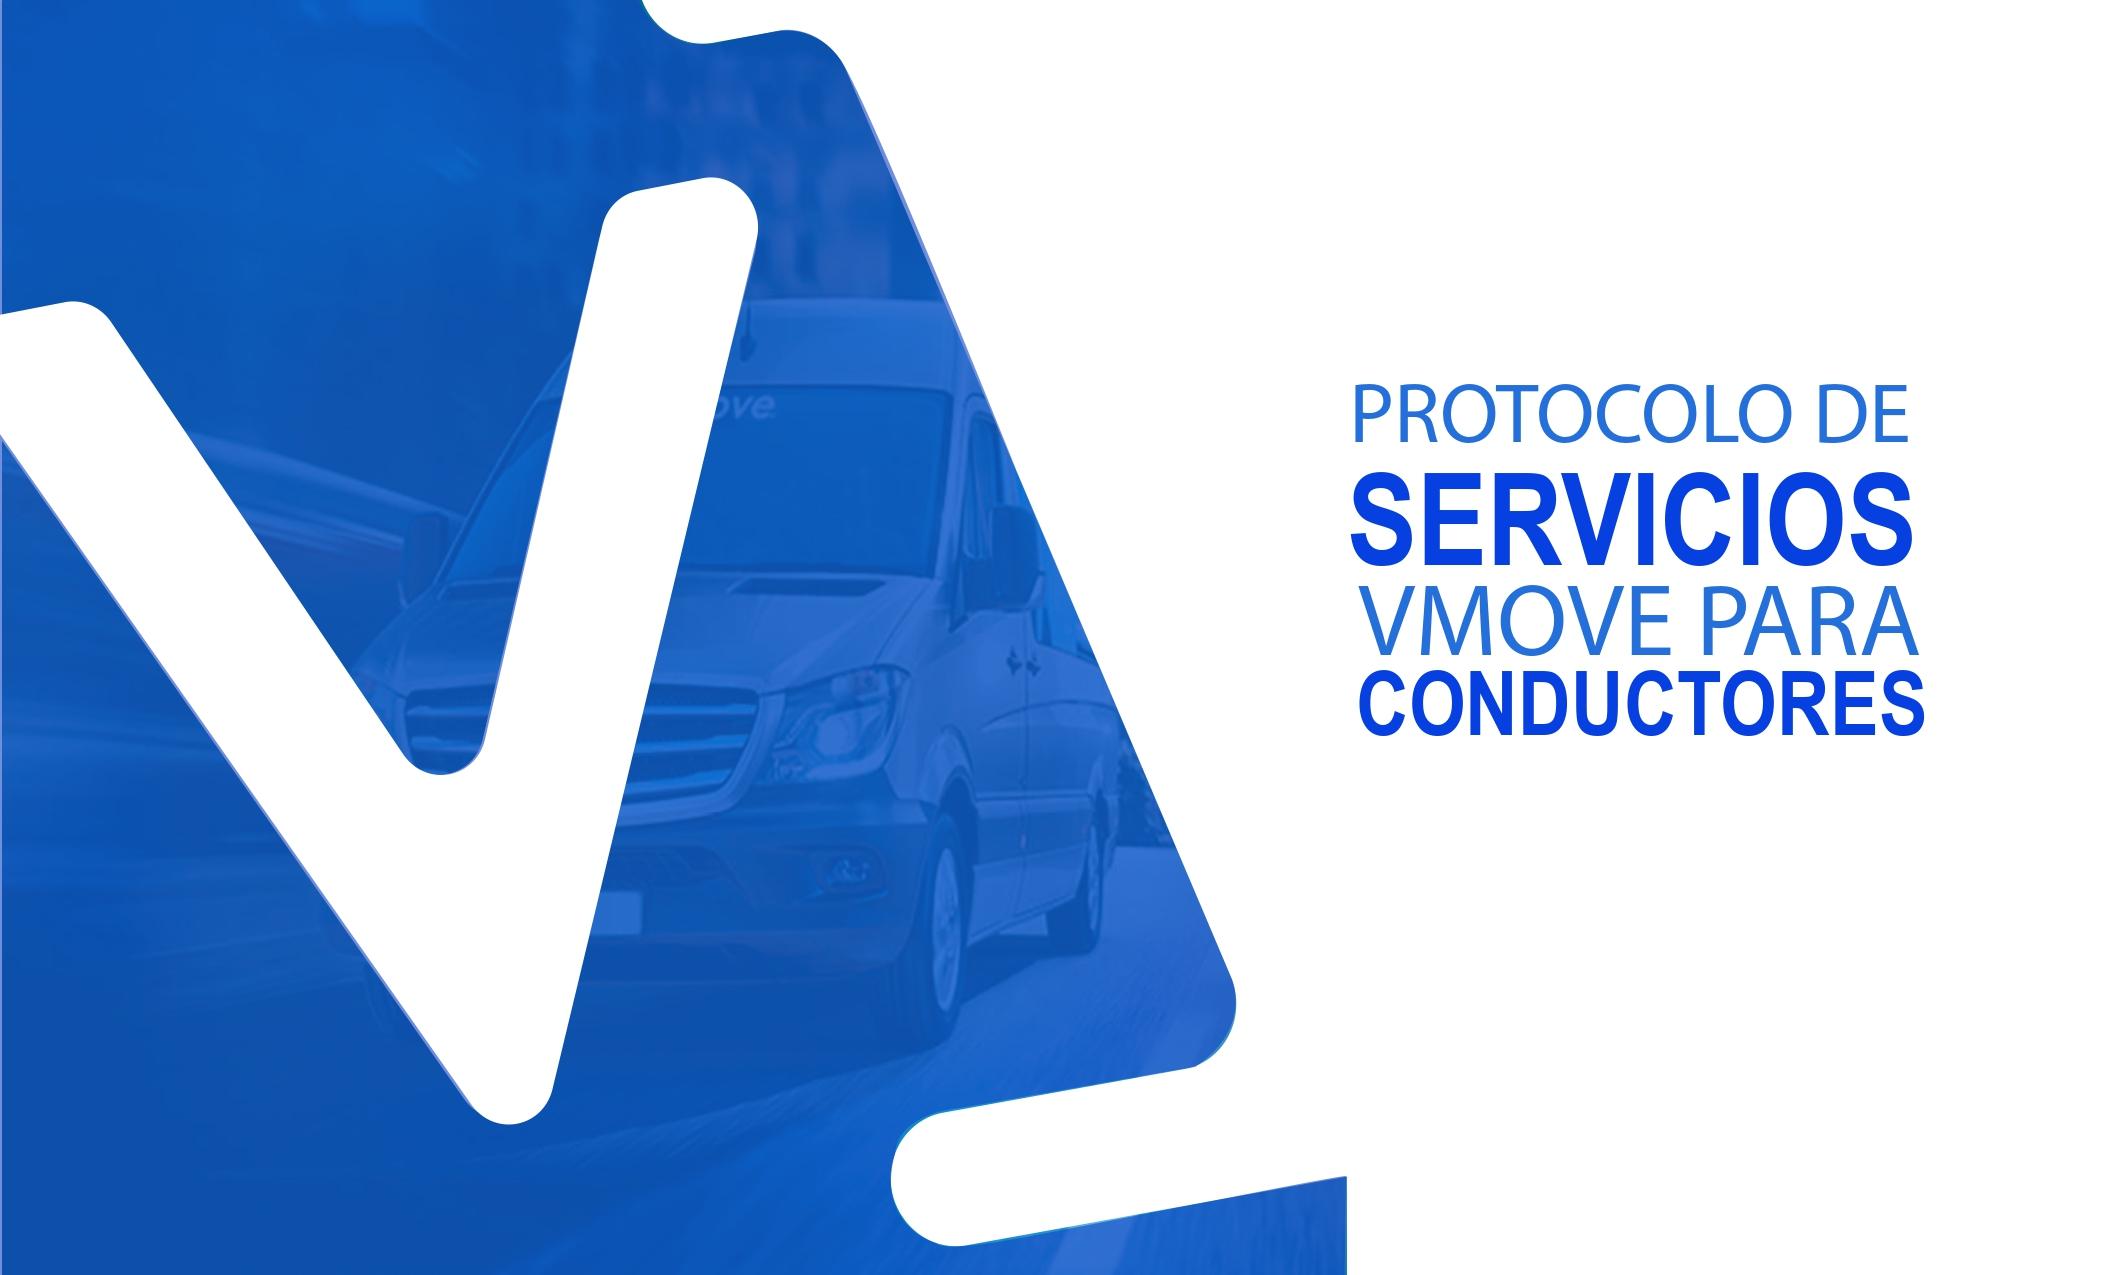 protocolo-conductores_vmove_page-0001